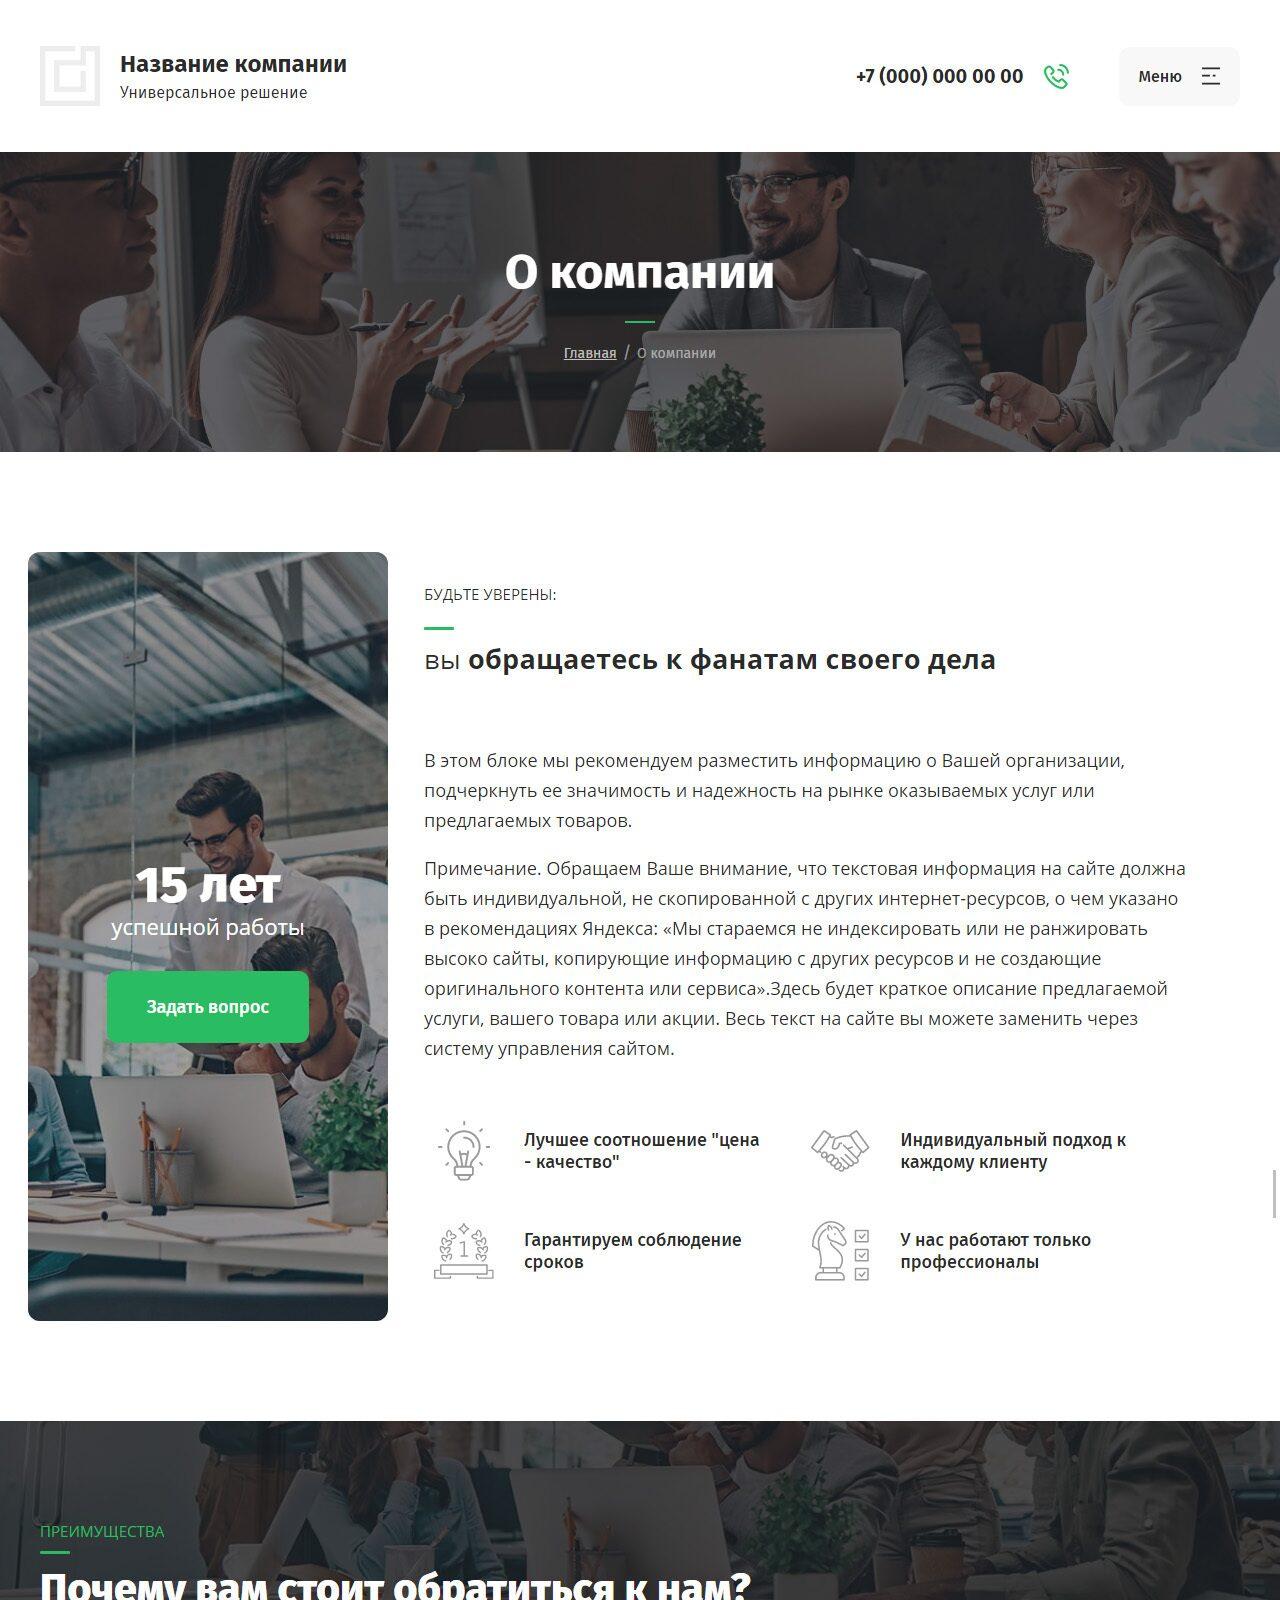 Готовый Сайт-Бизнес #2891093 - Универсальный дизайн (О компании)